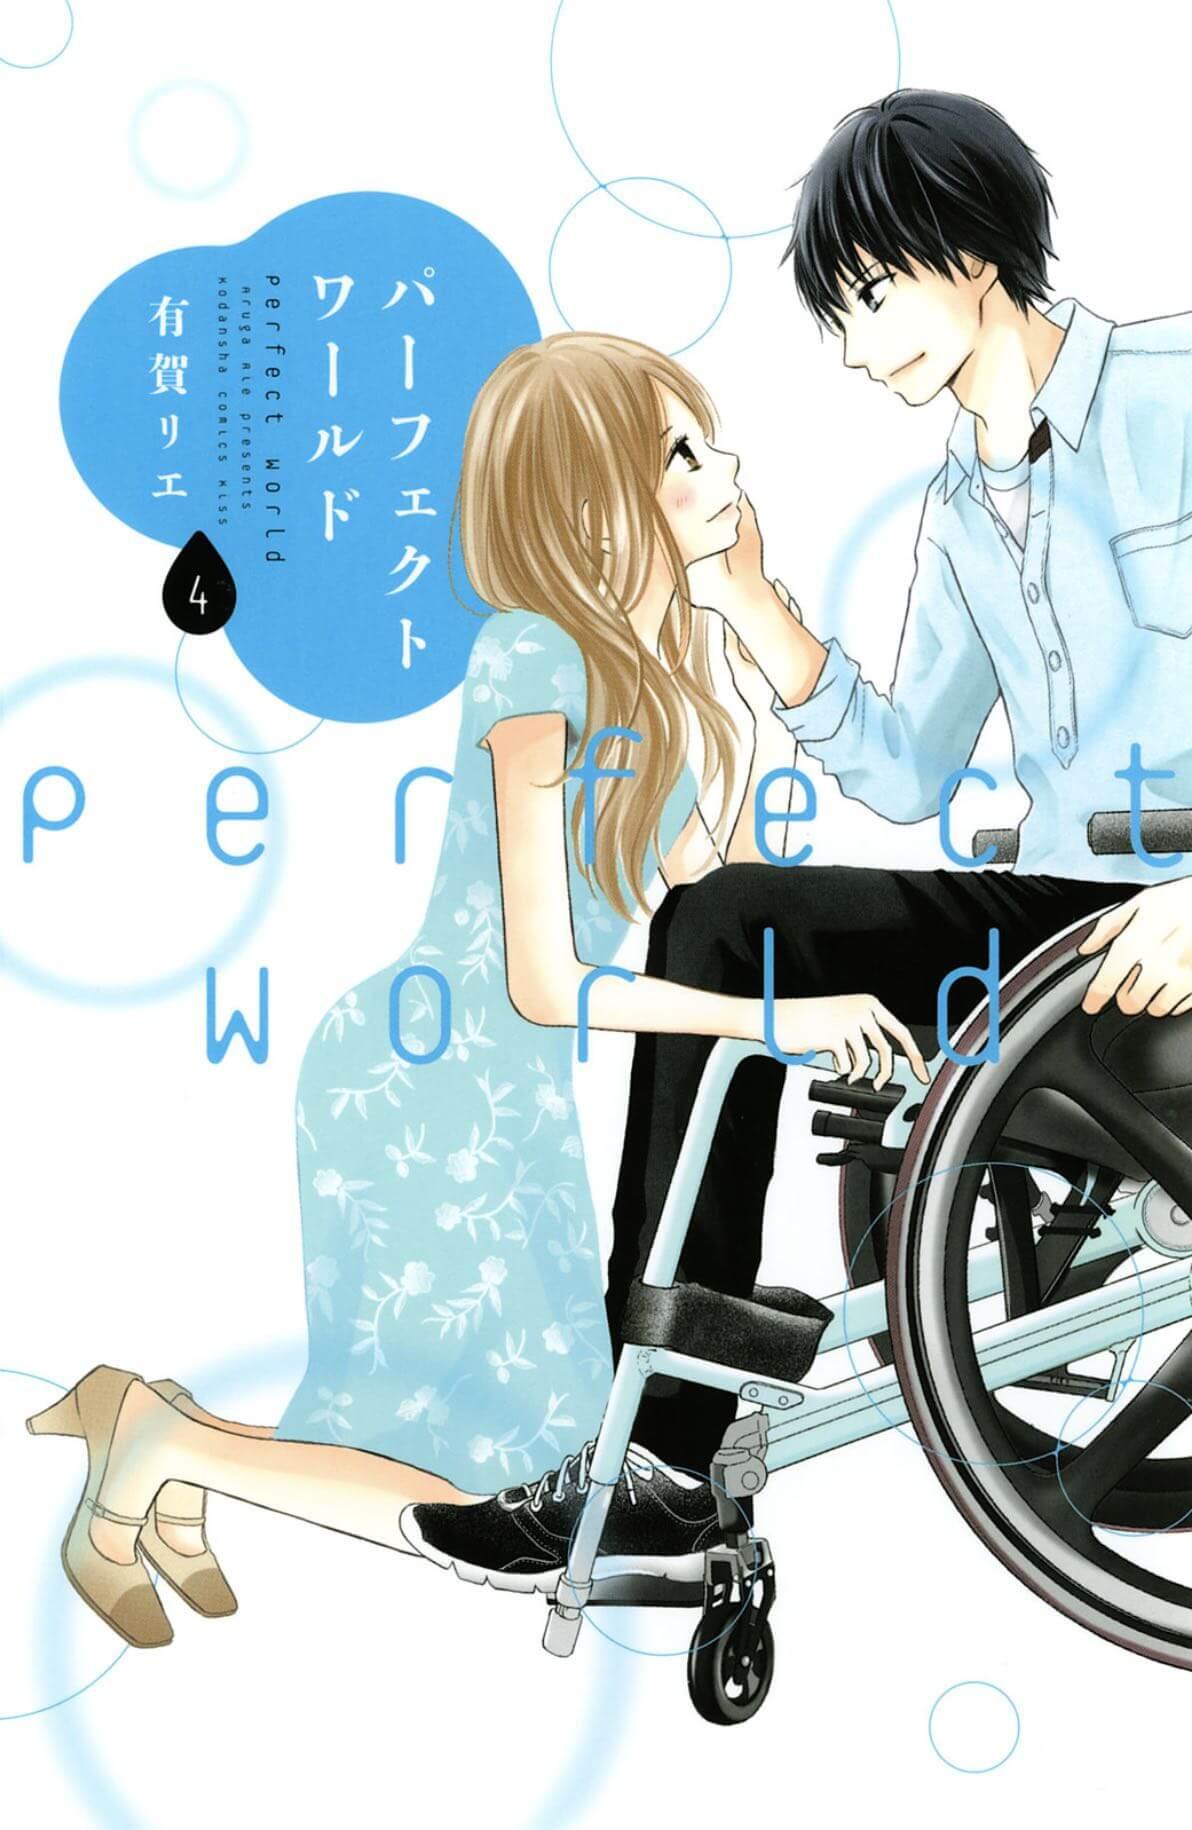 パーフェクトワールドの原作漫画4巻を無料で読む方法とあらすじネタバレ感想!